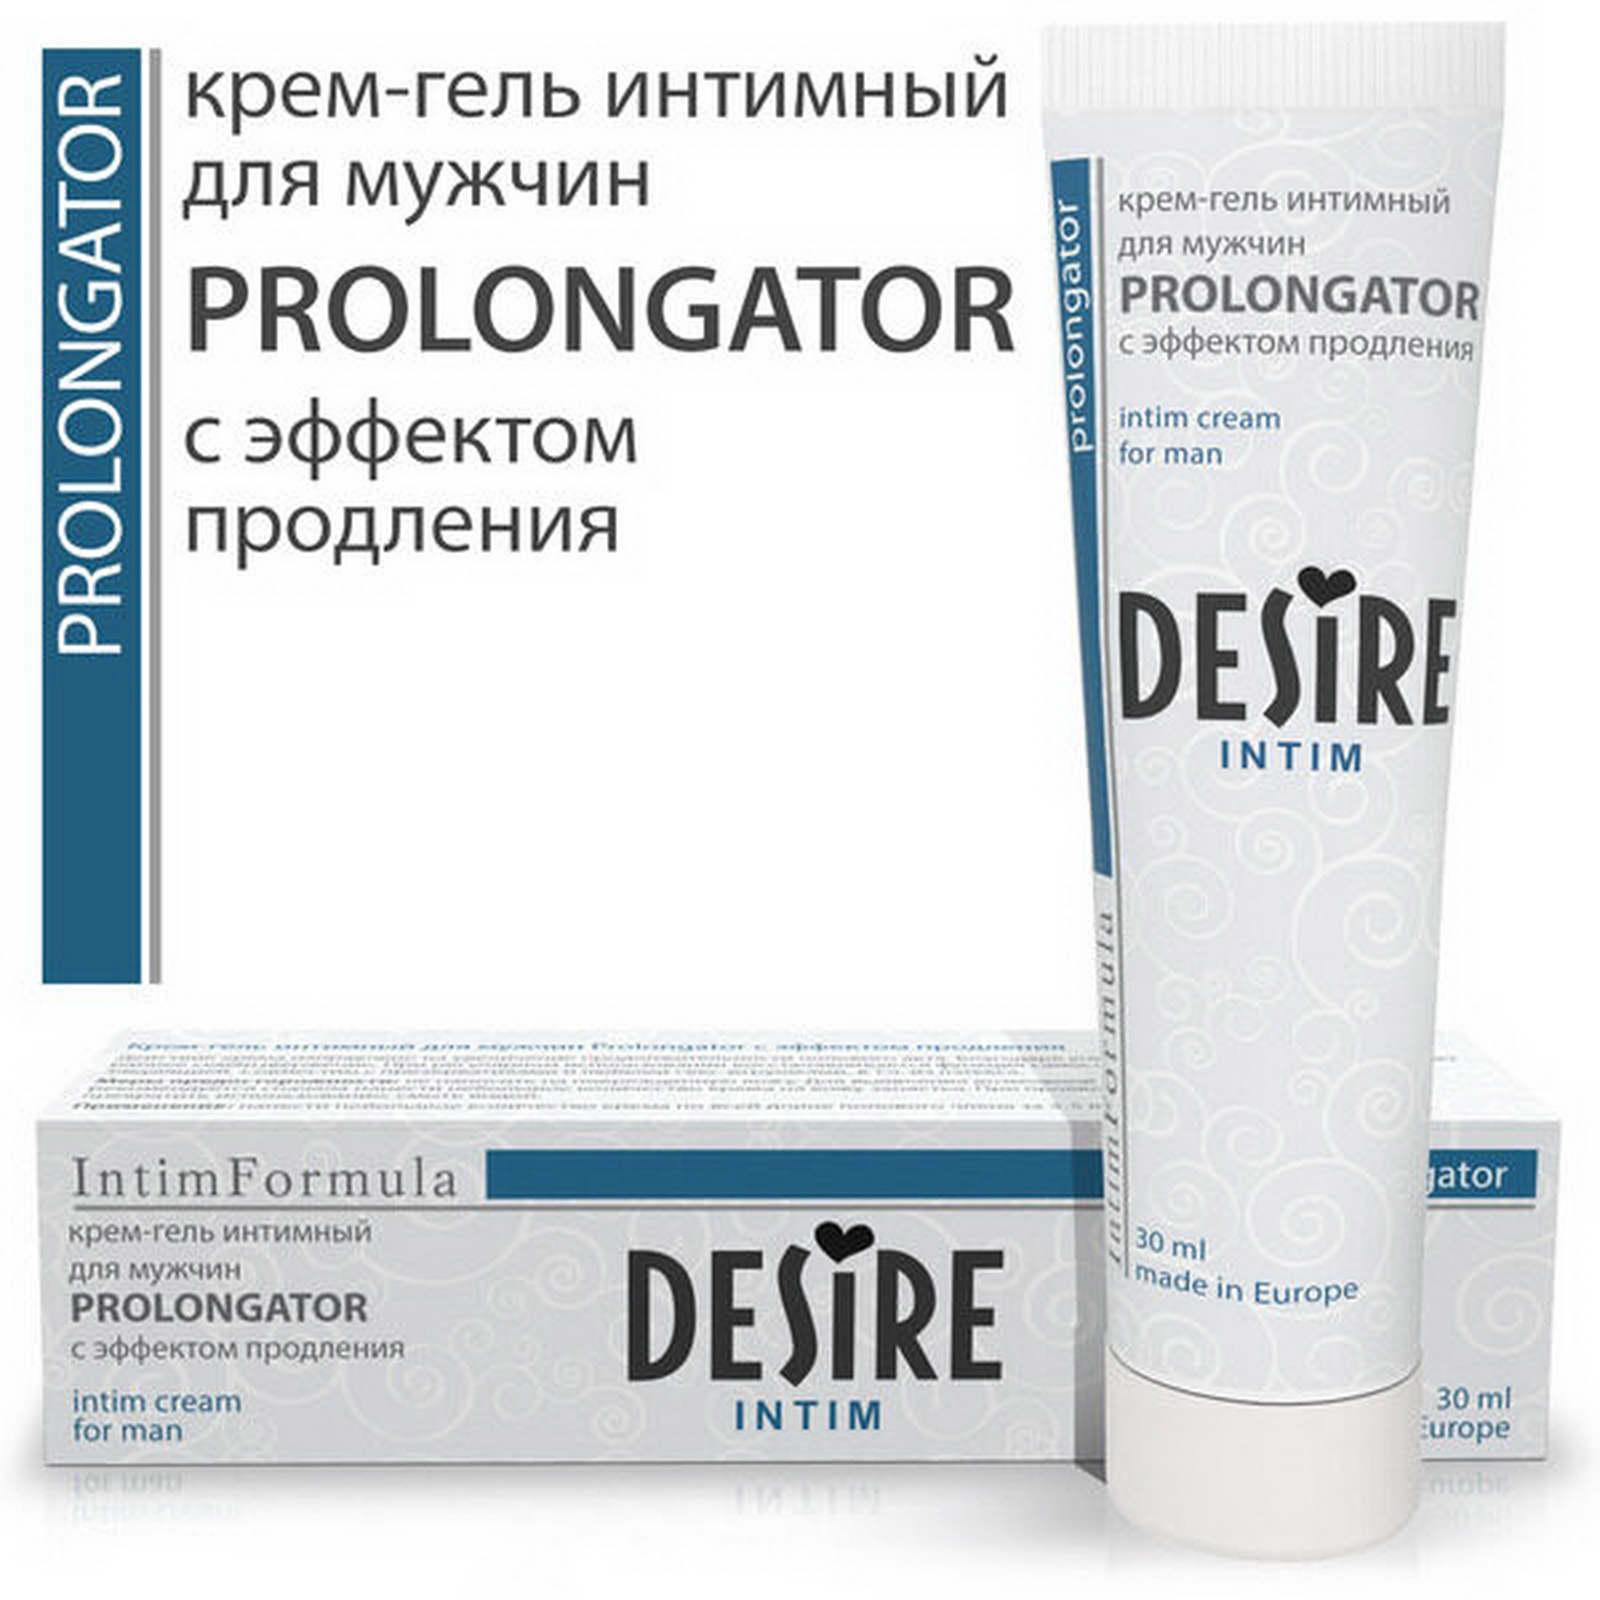 «PROLONGATOR» крем для продления полового акта